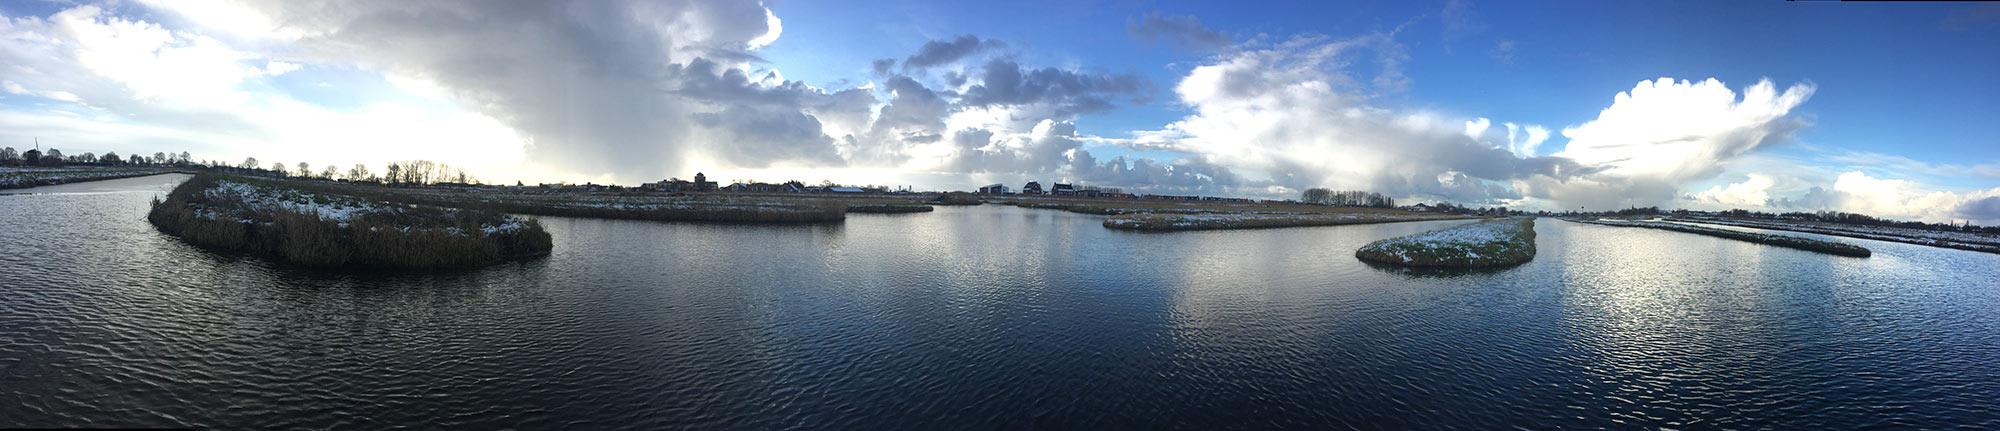 SUP-route-1000-eilanden-Broek-op-Langedijk-panorama